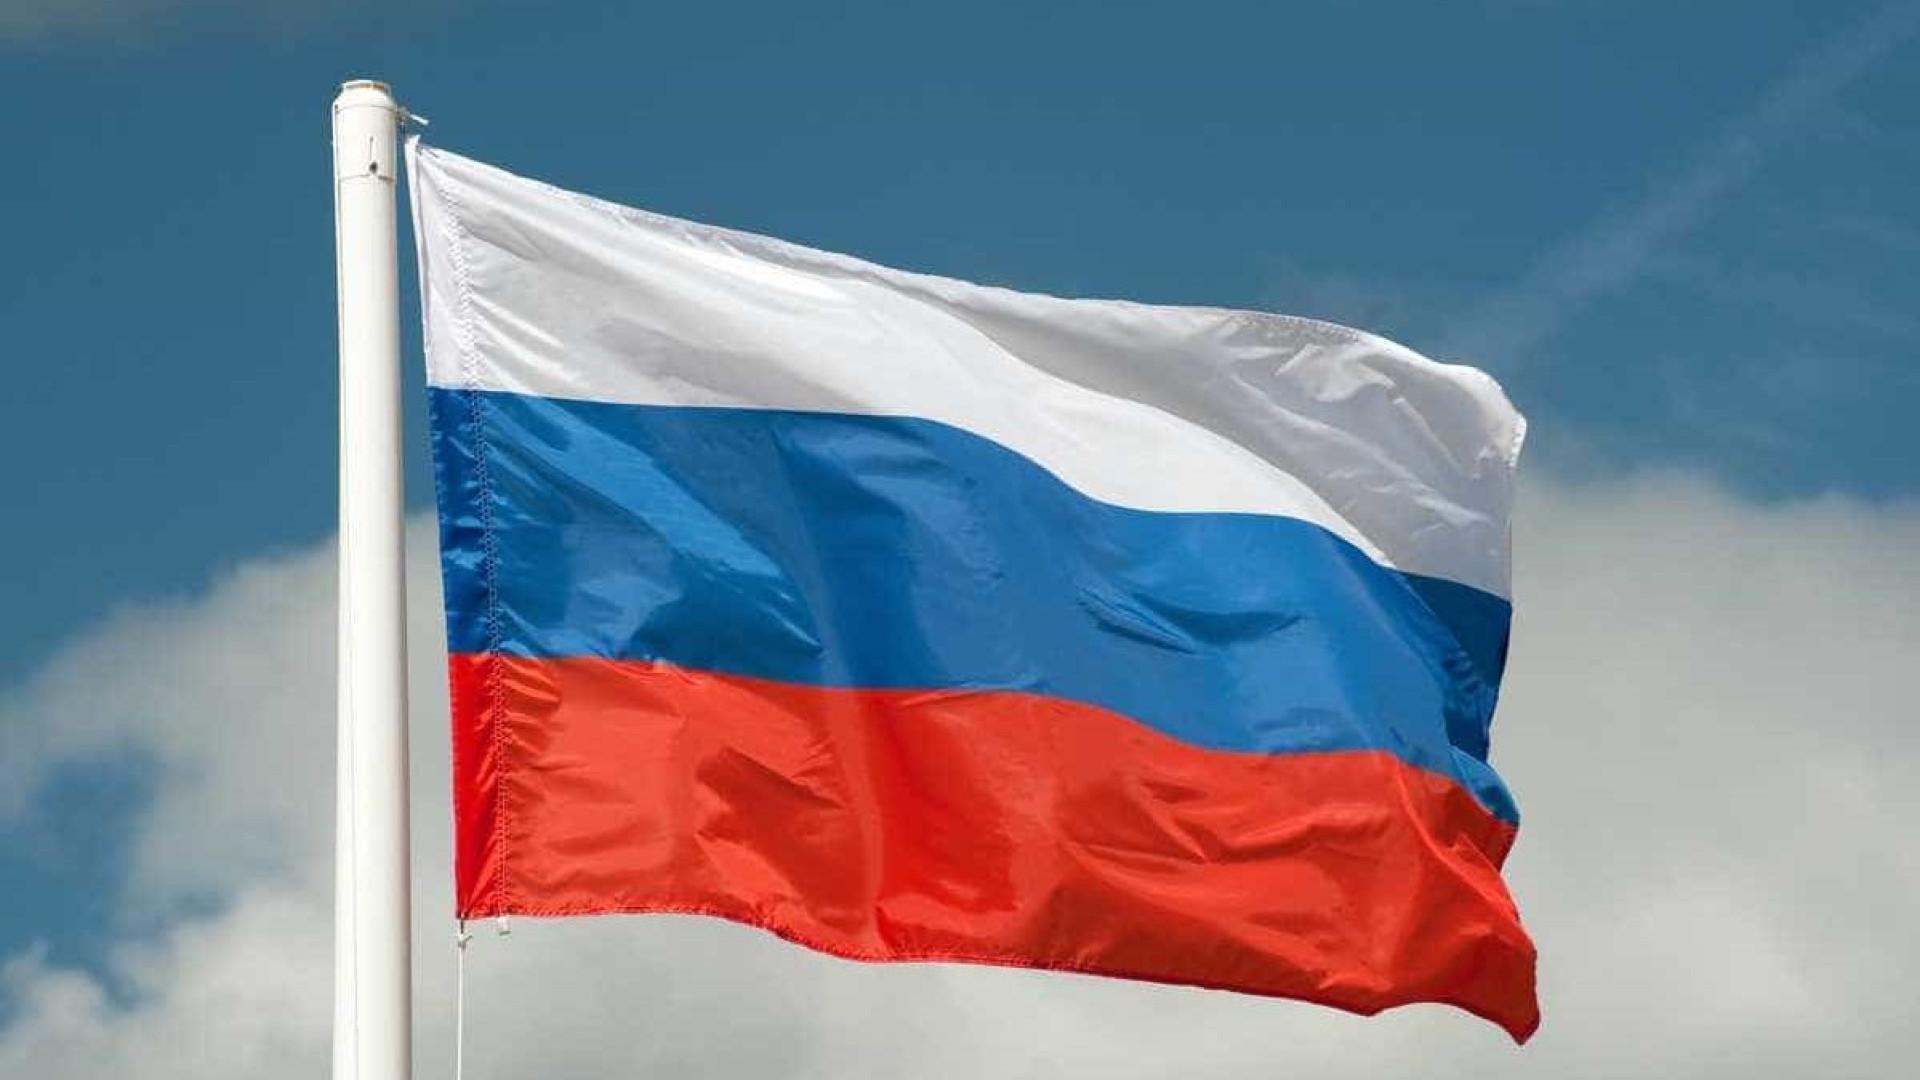 Rússia envia aviões quatro dias consecutivos para a zona do Alasca